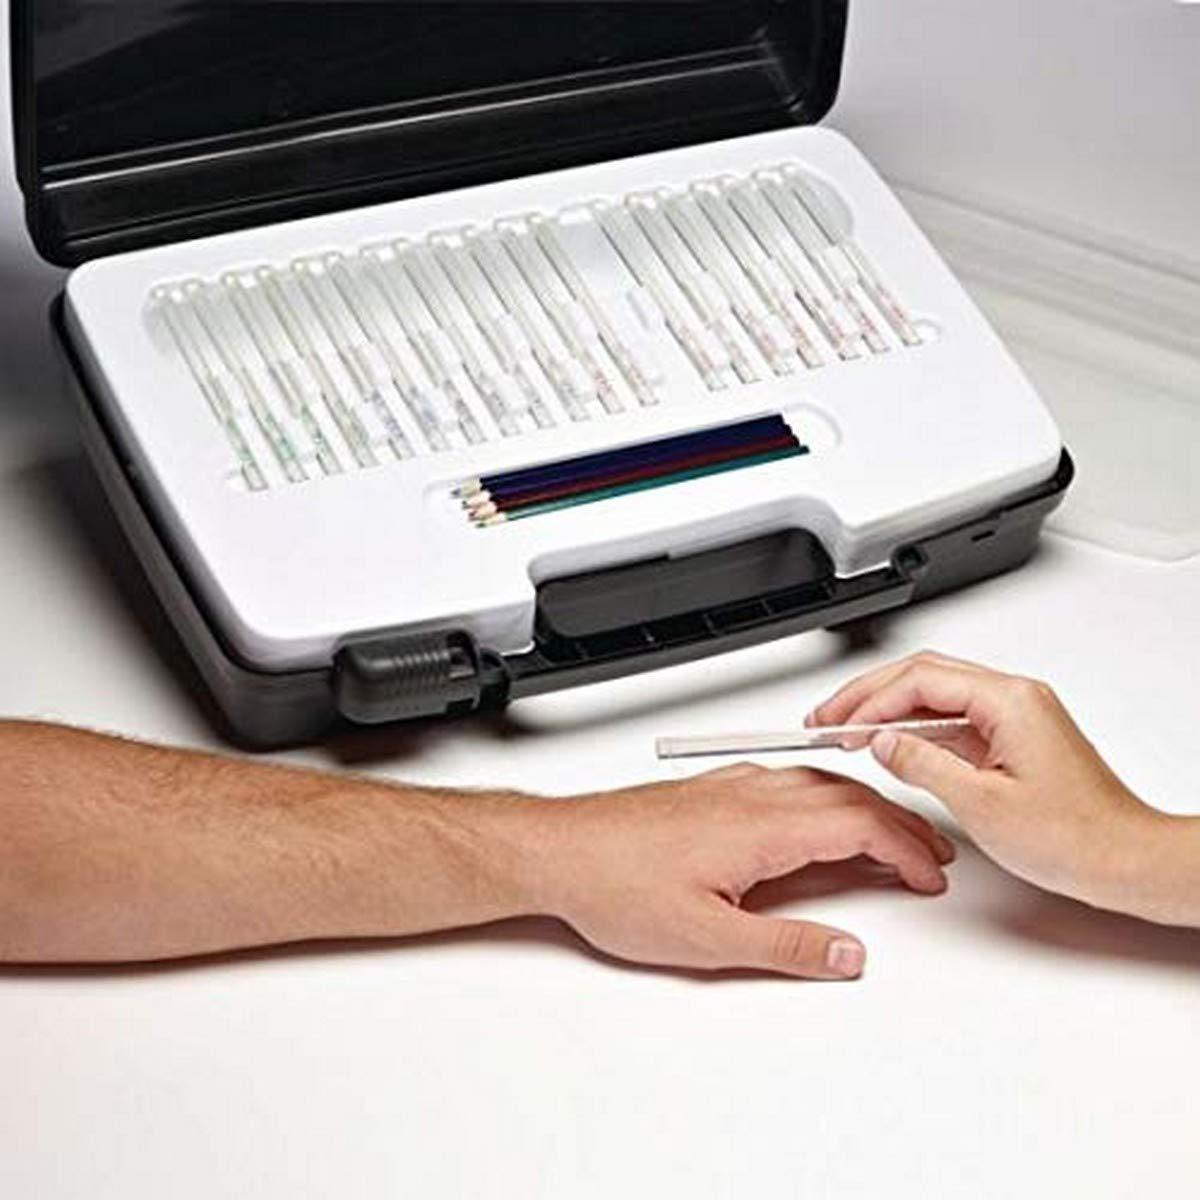 お買い得 Jamar Monofilaments おトク Tactile Medical Testing Diabetes Device for